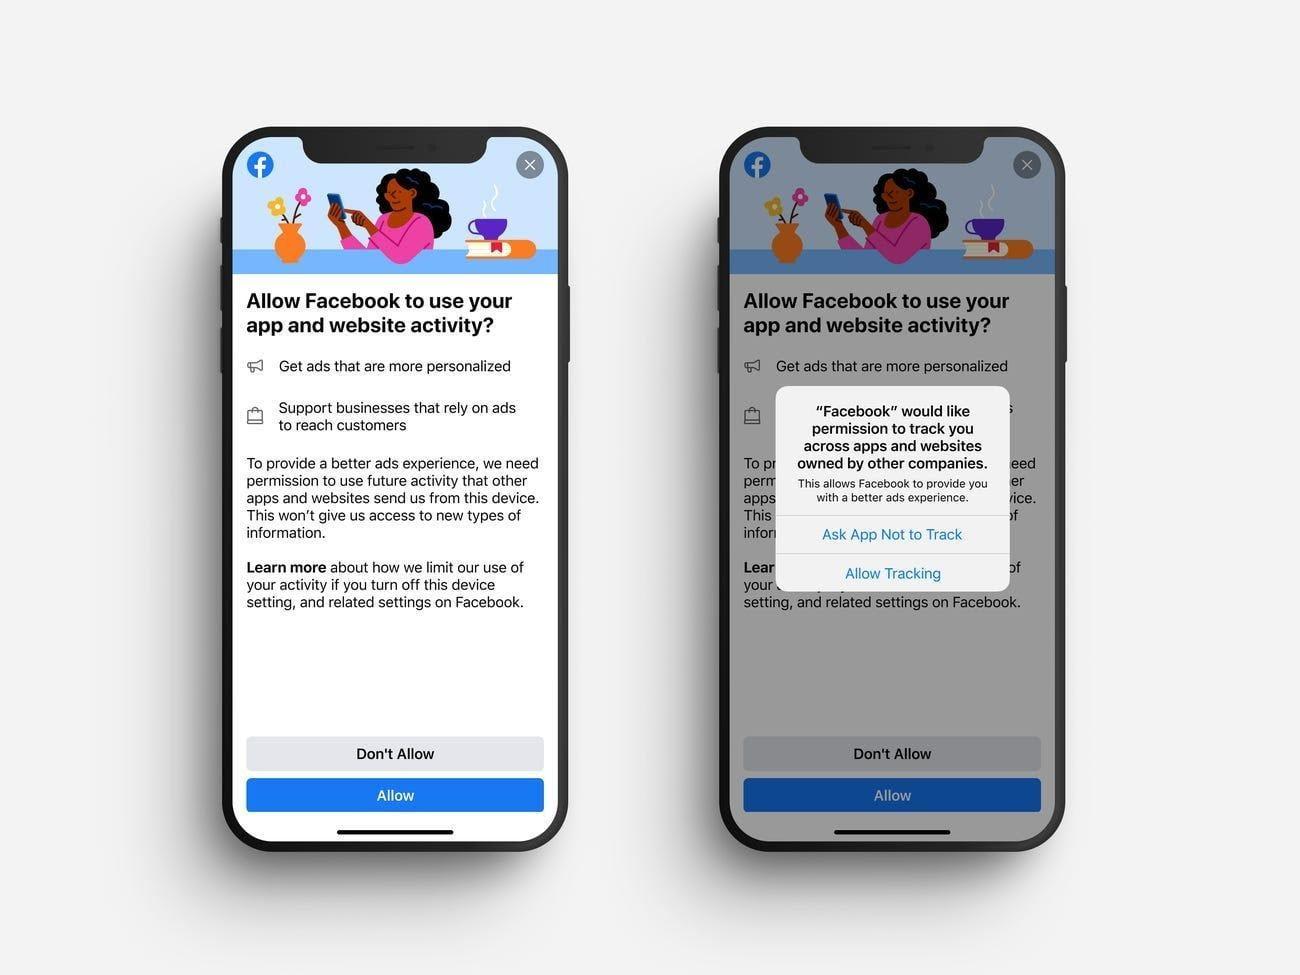 Il famigerato pop-up presente in iOS 14.5 che richiede il permesso per tracciare i dati degli utenti